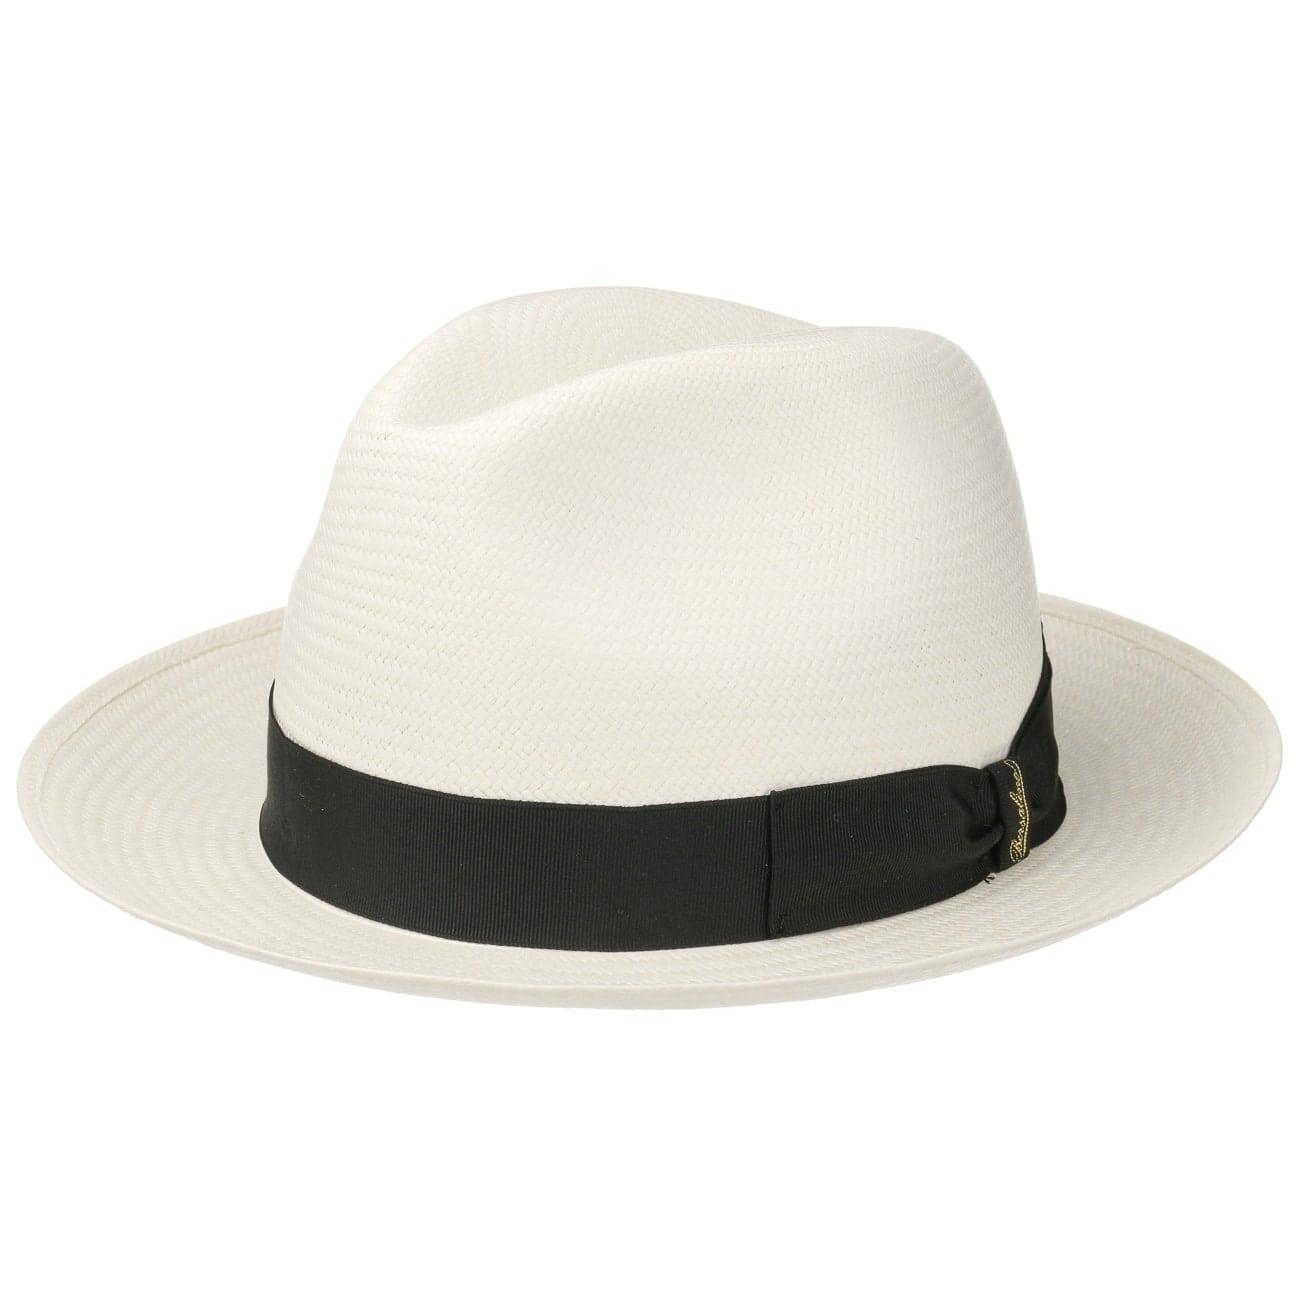 Sombrero Panam? Black Small by Borsalino  fedora